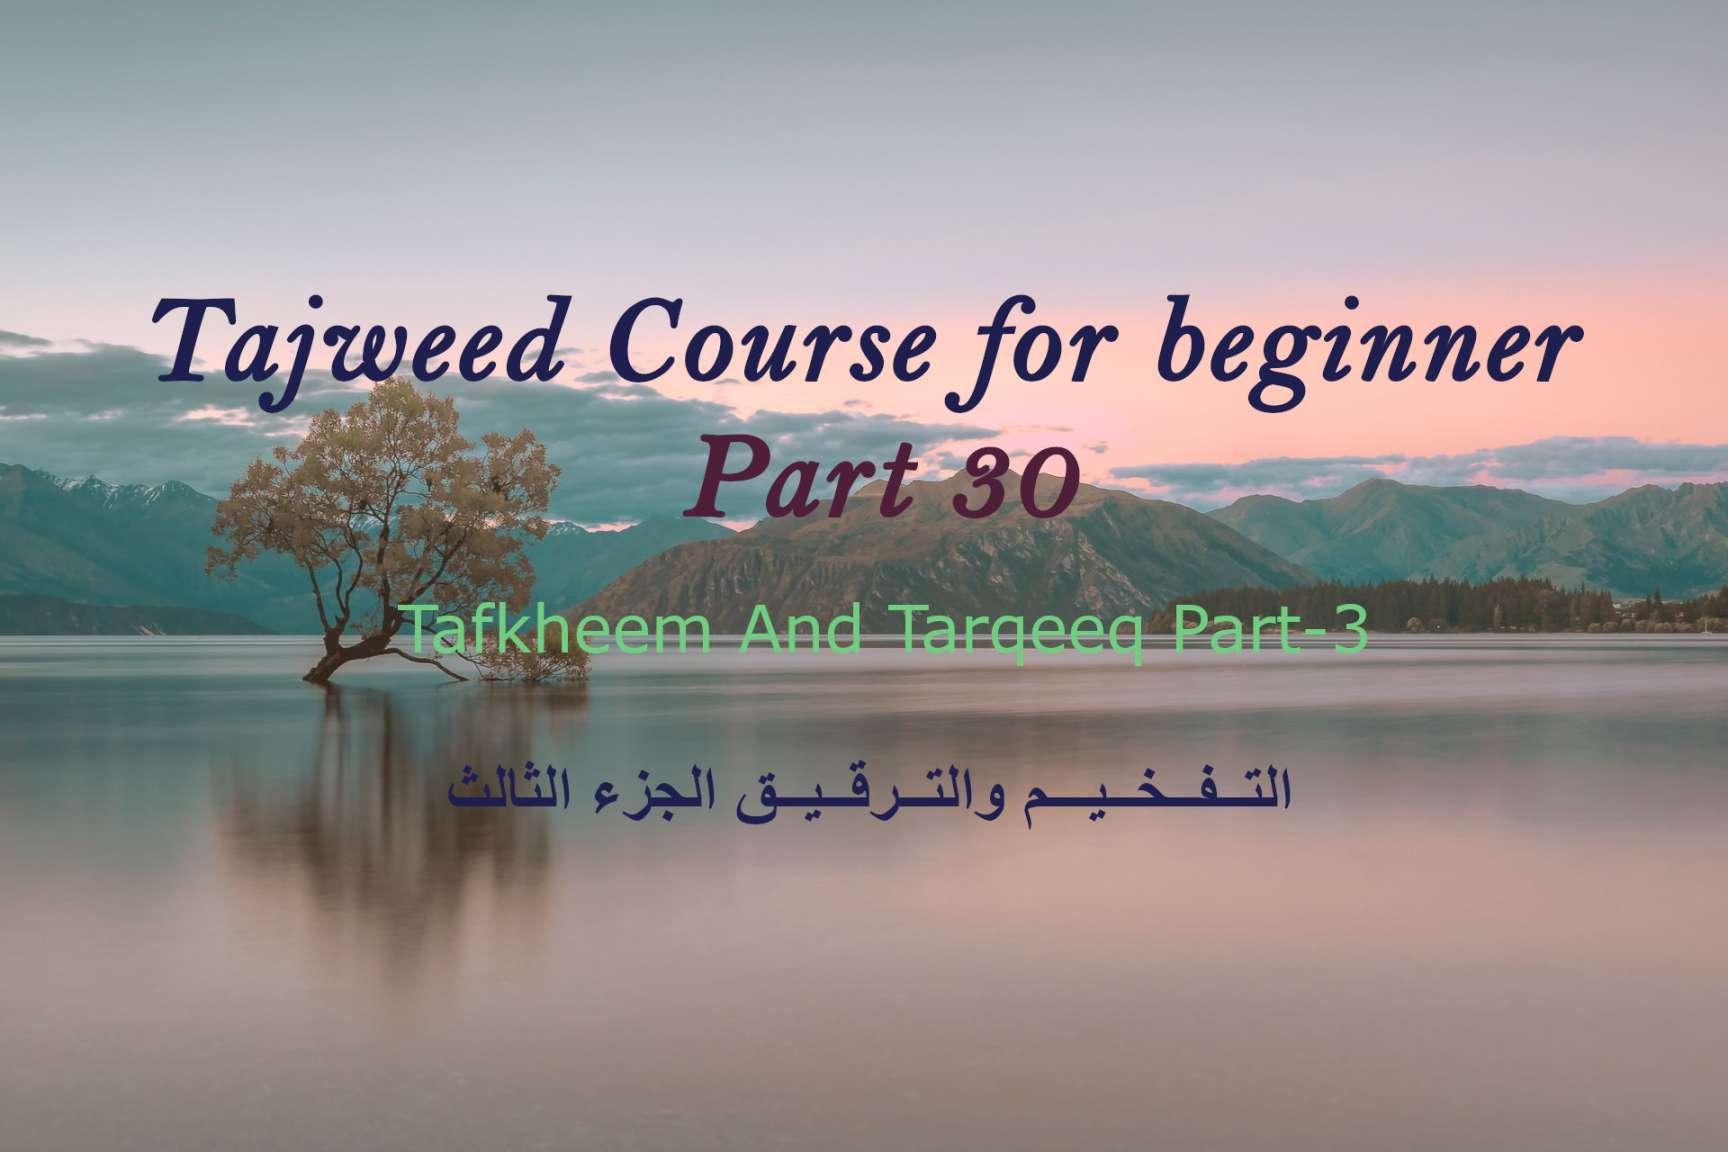 Tafkheem and Tarqeeq part3